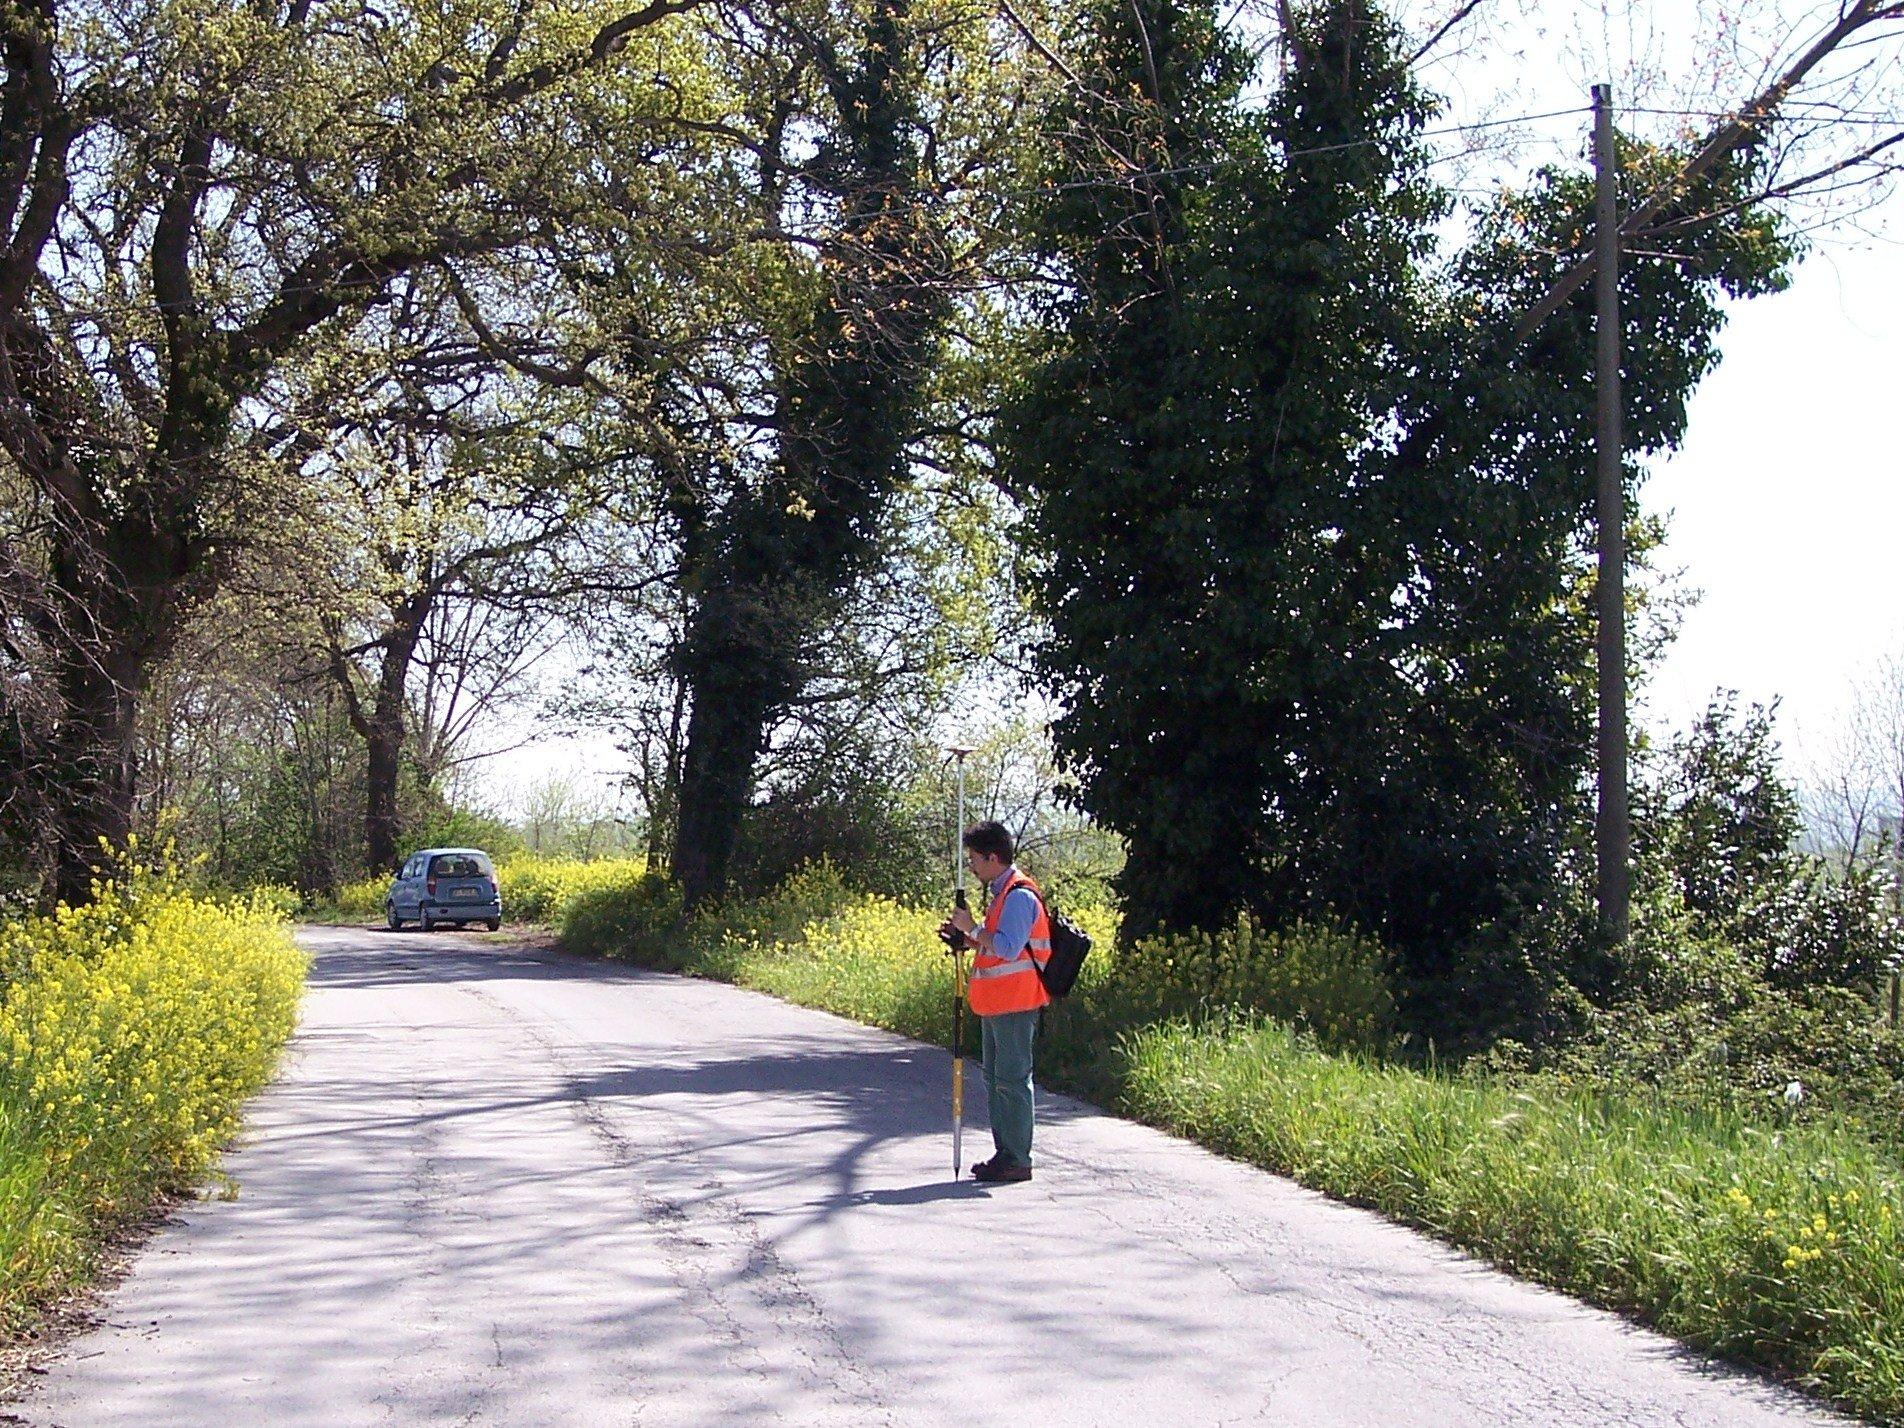 Un uomo utilizza uno strumento per rilievo topografico in strada